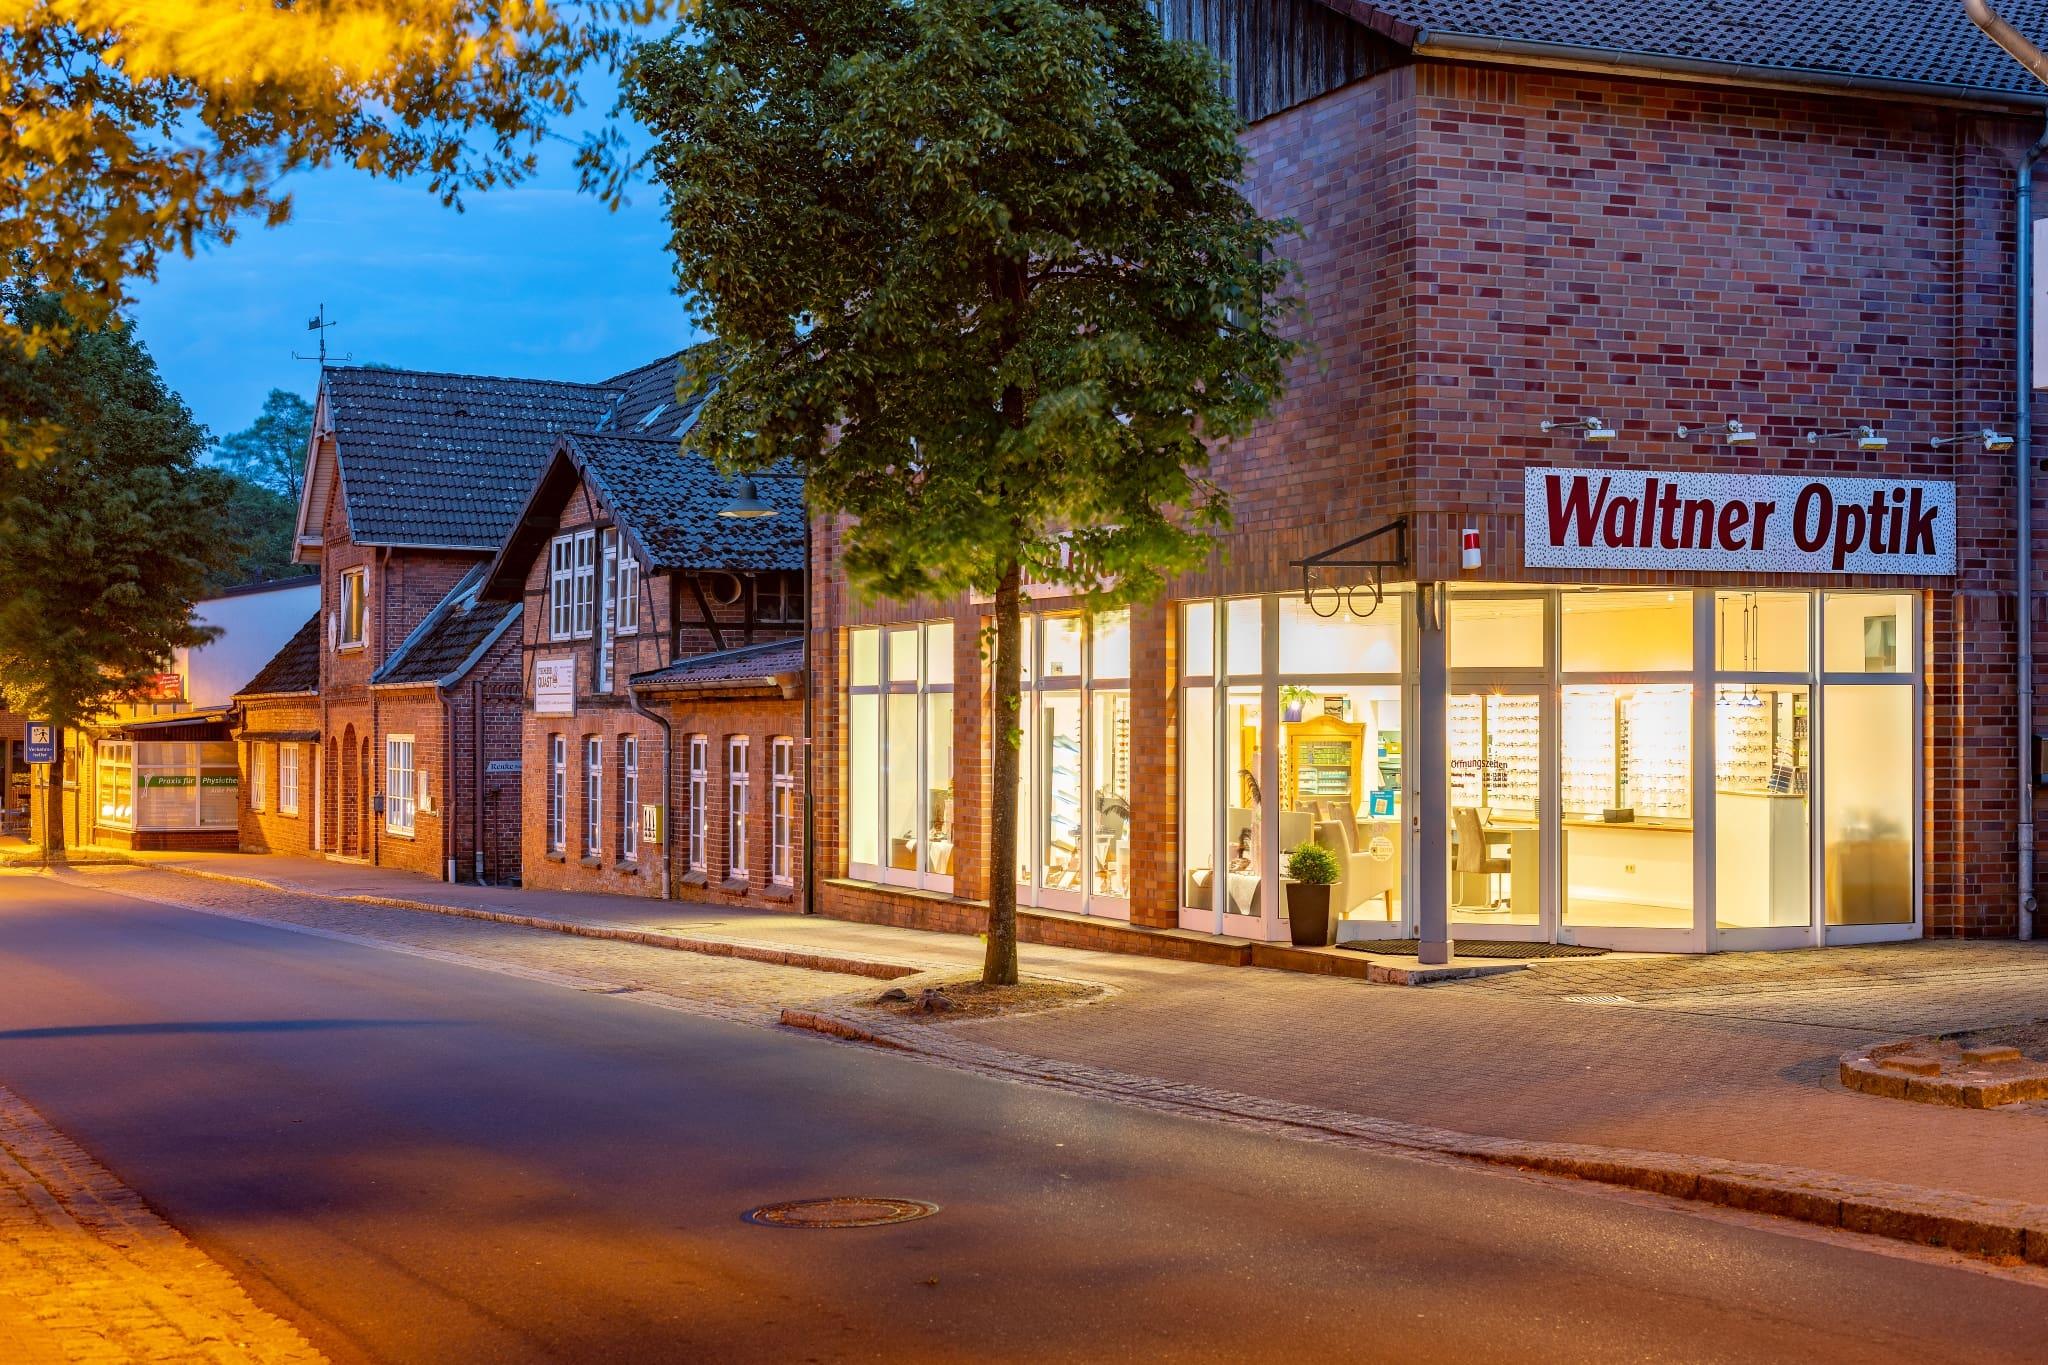 Außenansicht Waltner Optik, Harmshof 4 in 29646 Bispingen